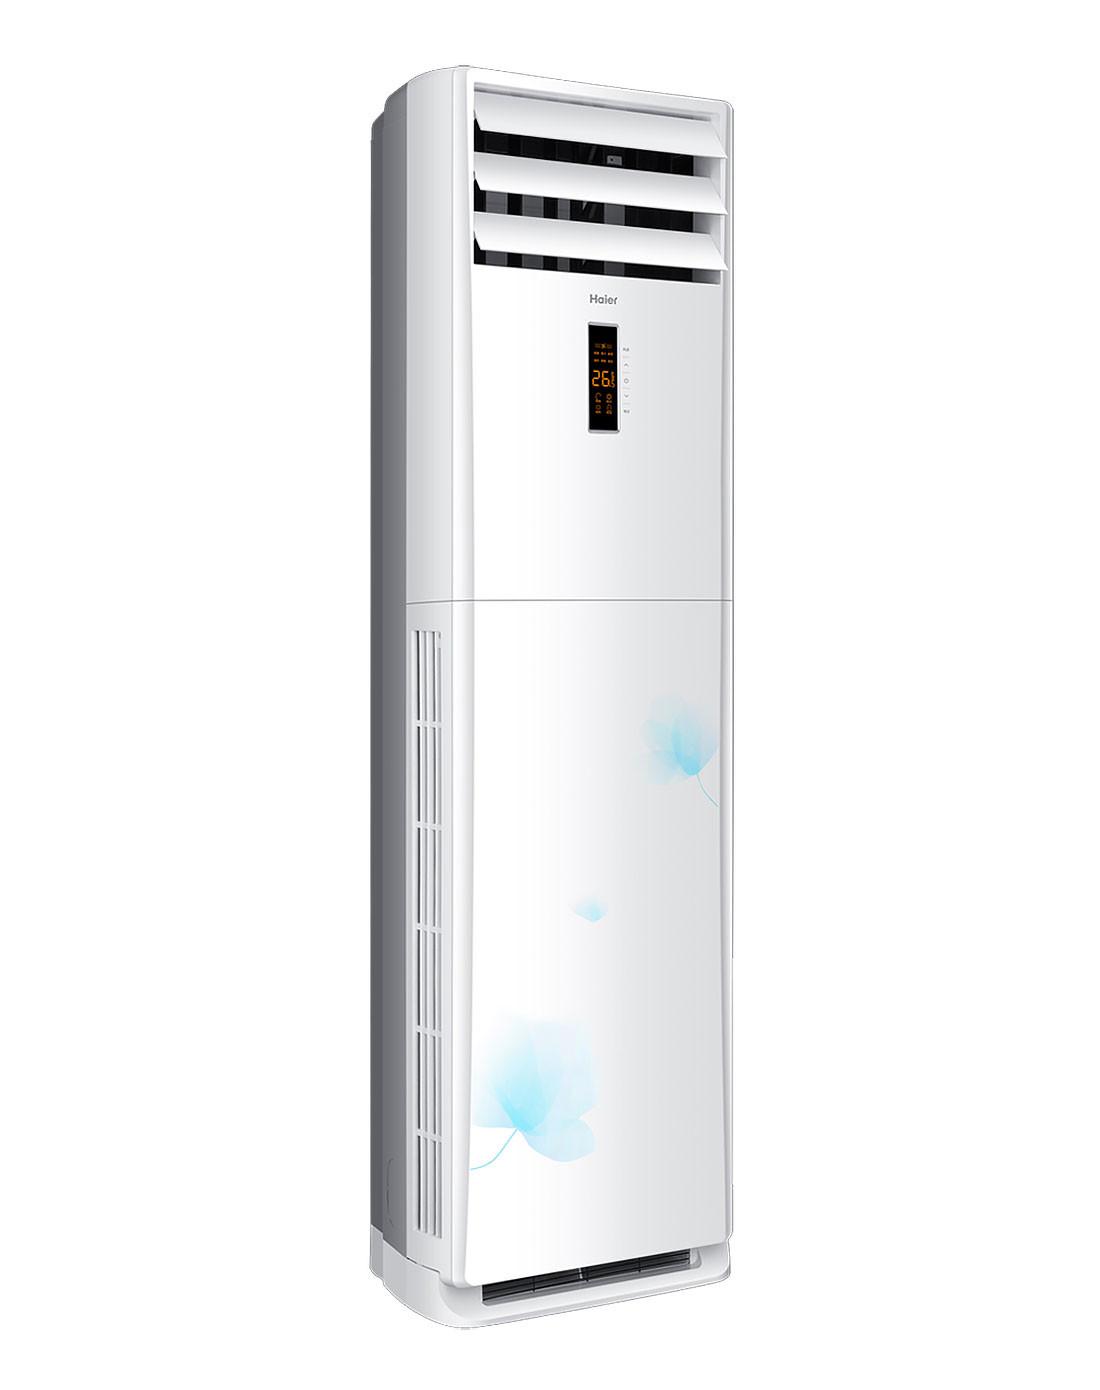 海尔haier大3匹冷暖柜式空调 落地式柜机 节能kfr-/06图片